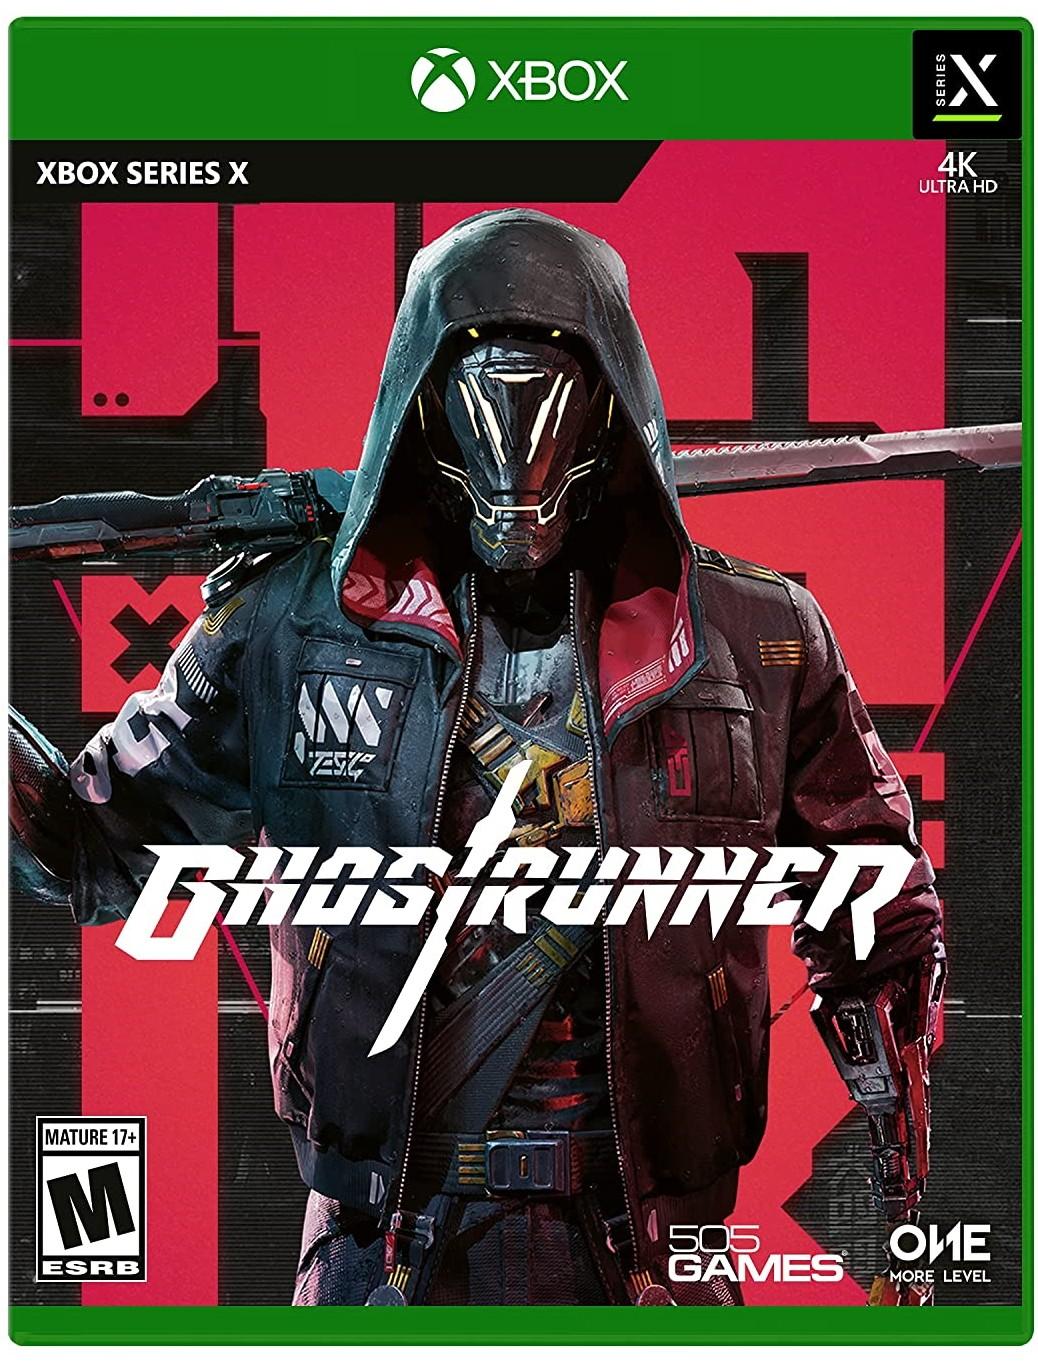 Ghostrunner XSX